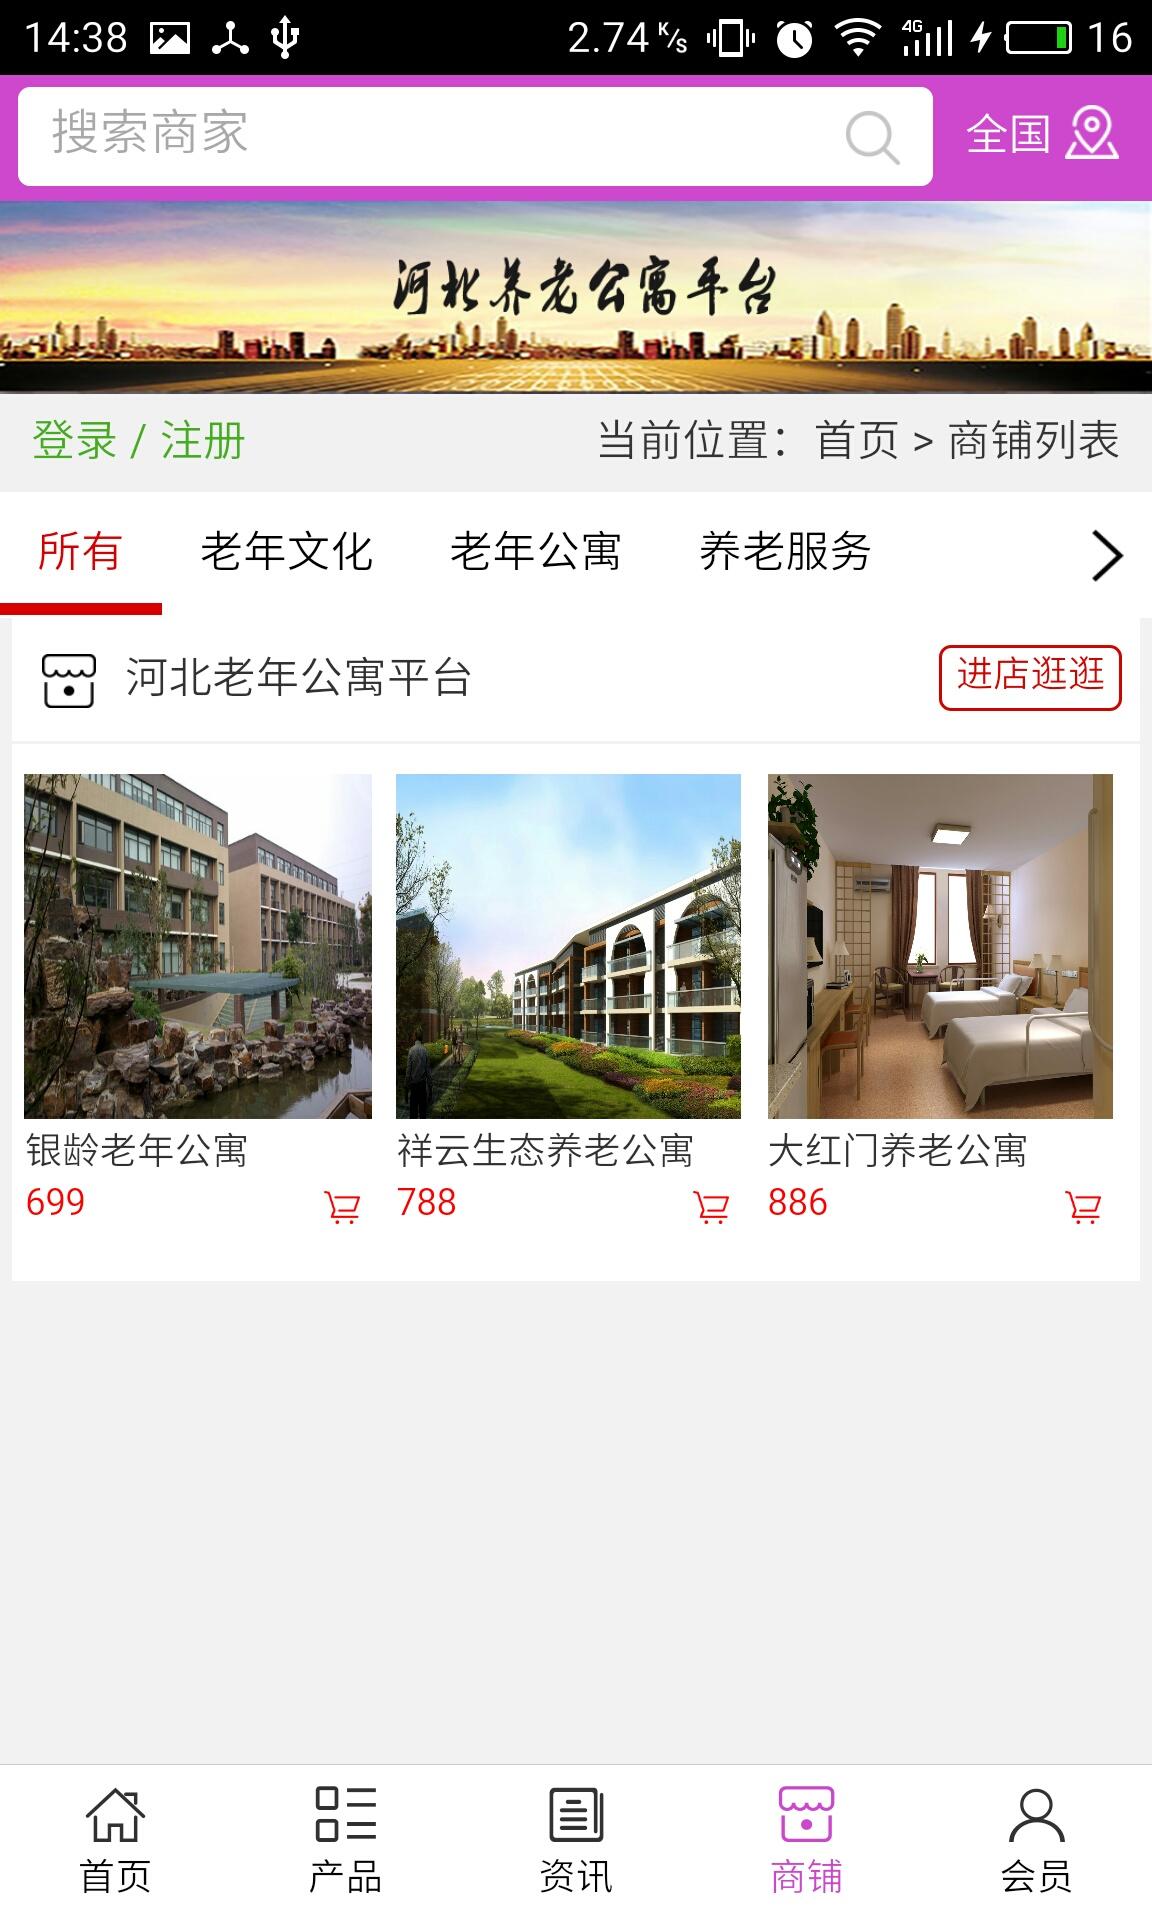 河北老年公寓平台 v6.0.0图